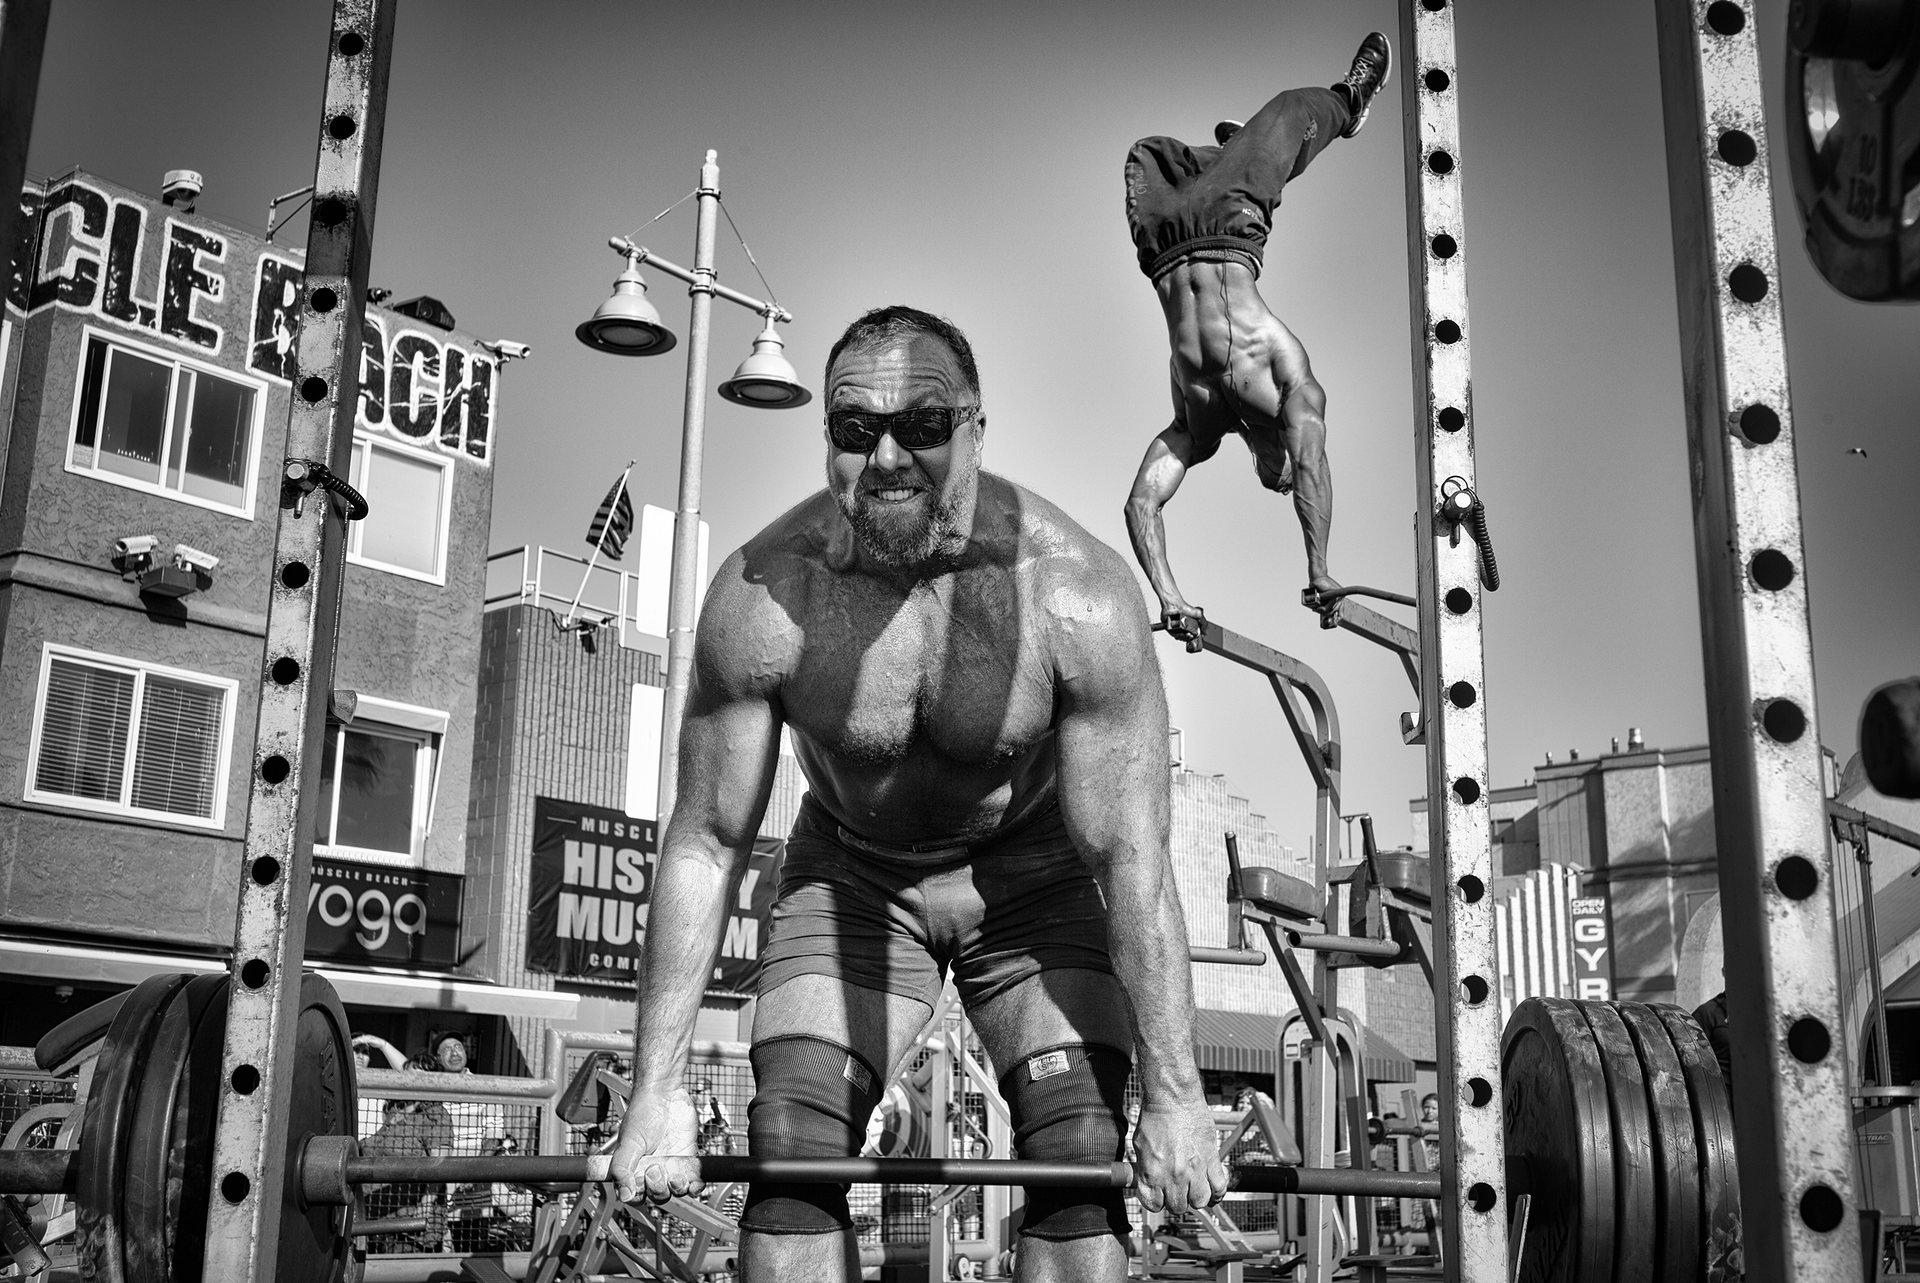 Τιμητική διάκριση, άνθρωποι: Muscle Beach Gym. Ένας αρσιβαρίστας σηκώνει μια μπάρα φορτωμένη με βάρη, ενώ ένας bodybuilder εκτελεί μια εναέρια άσκηση στο γυμναστήριο της Venice Beach στην Καλιφόρνια. Photograph: Dotan Saguy/National Geographic Travel Photographer of the Year Contest